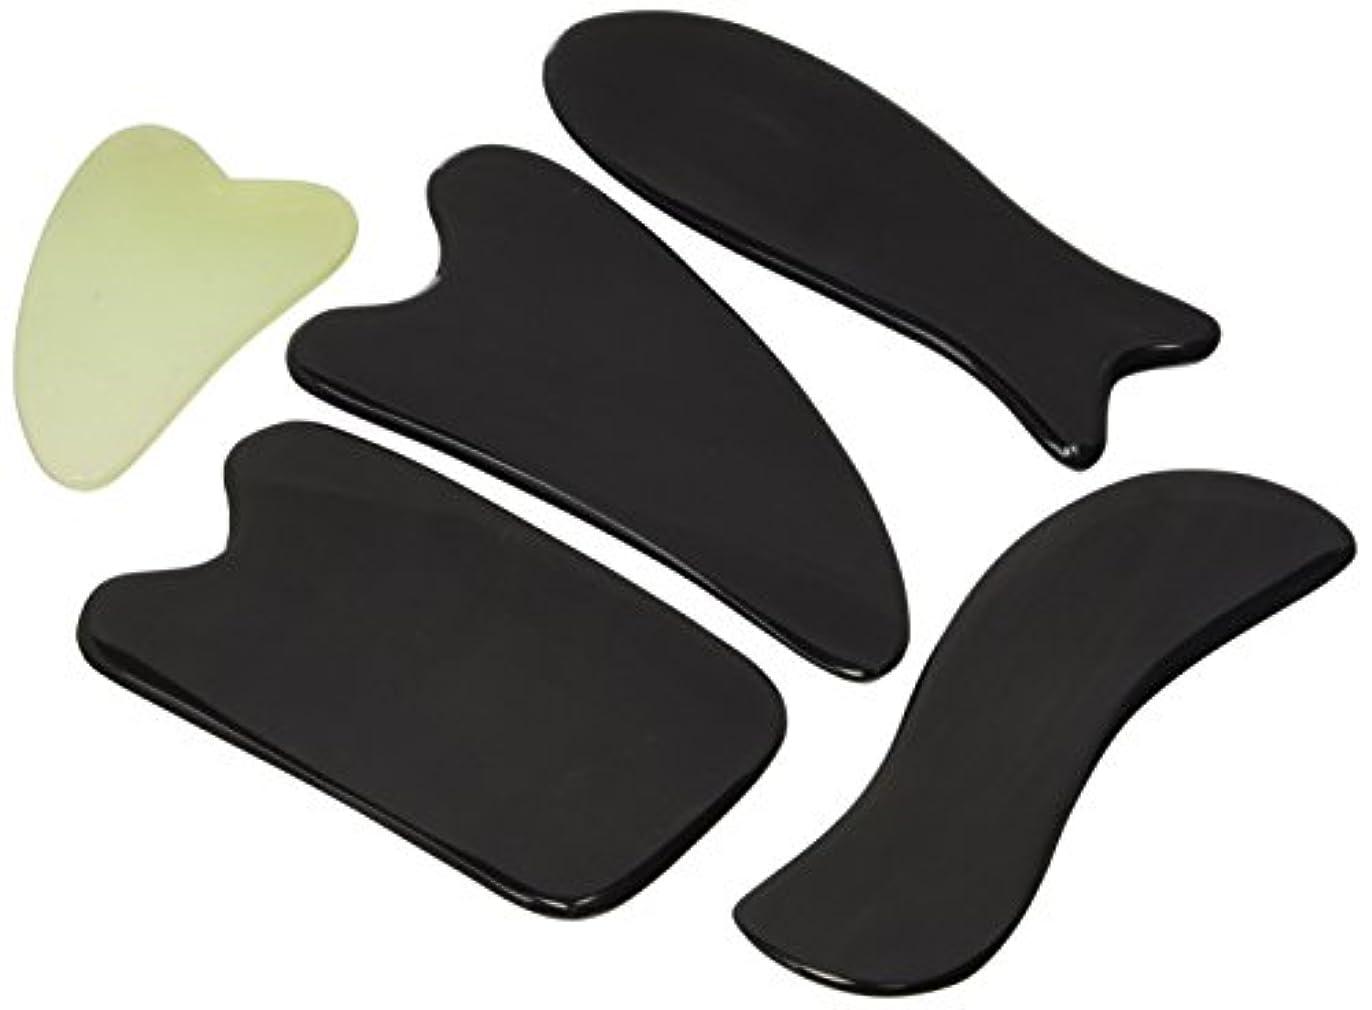 トレーダー可愛い一見Gua Sha Massage Tools By One Planet With Small Massage Gift - Ultra Smooth Edge for Scraping, 100% Handmade, Hand...